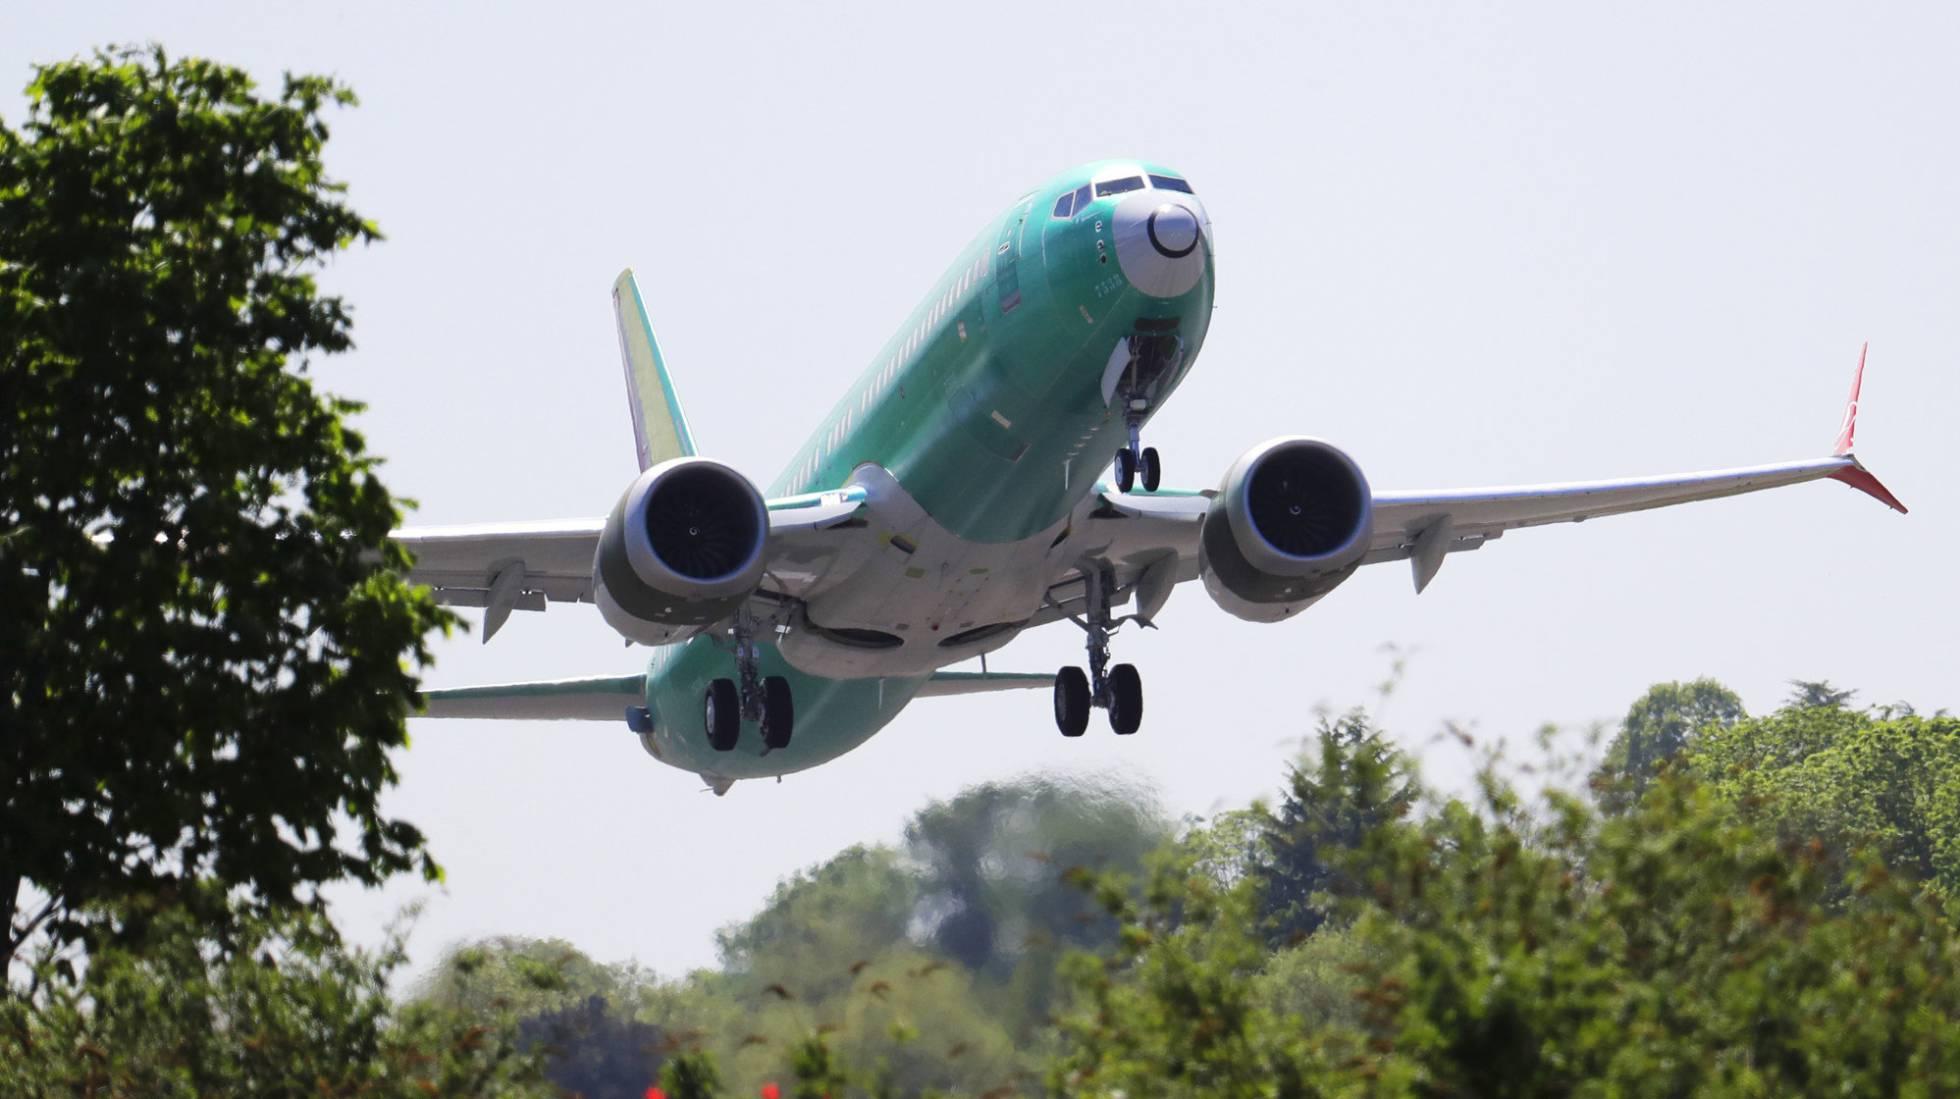 La crisis de Boeing cuestiona la credibilidad del regulador aéreo en EE UU